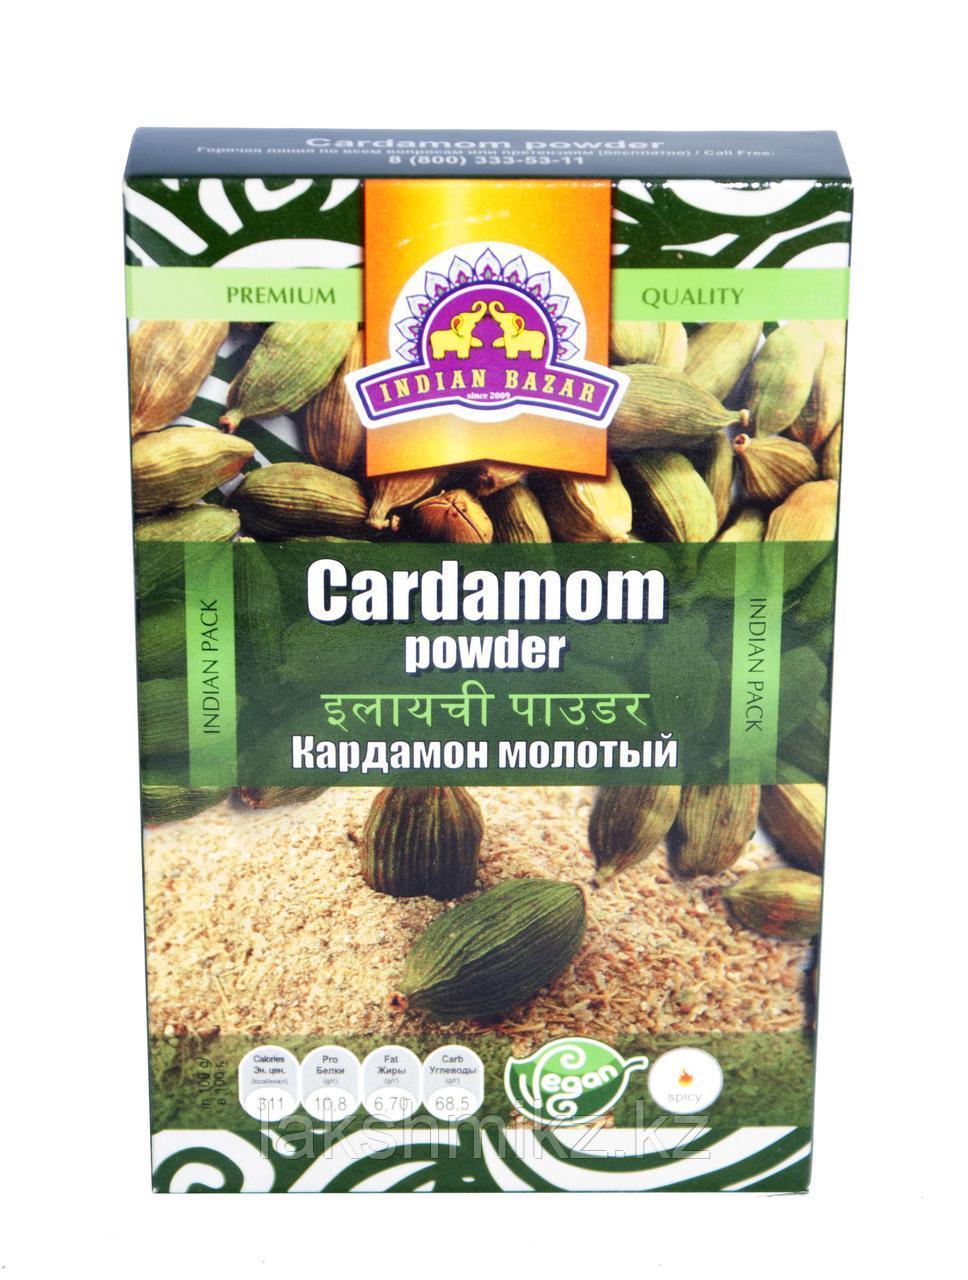 Кардамон молотый, Cardamon powder, 50 гр